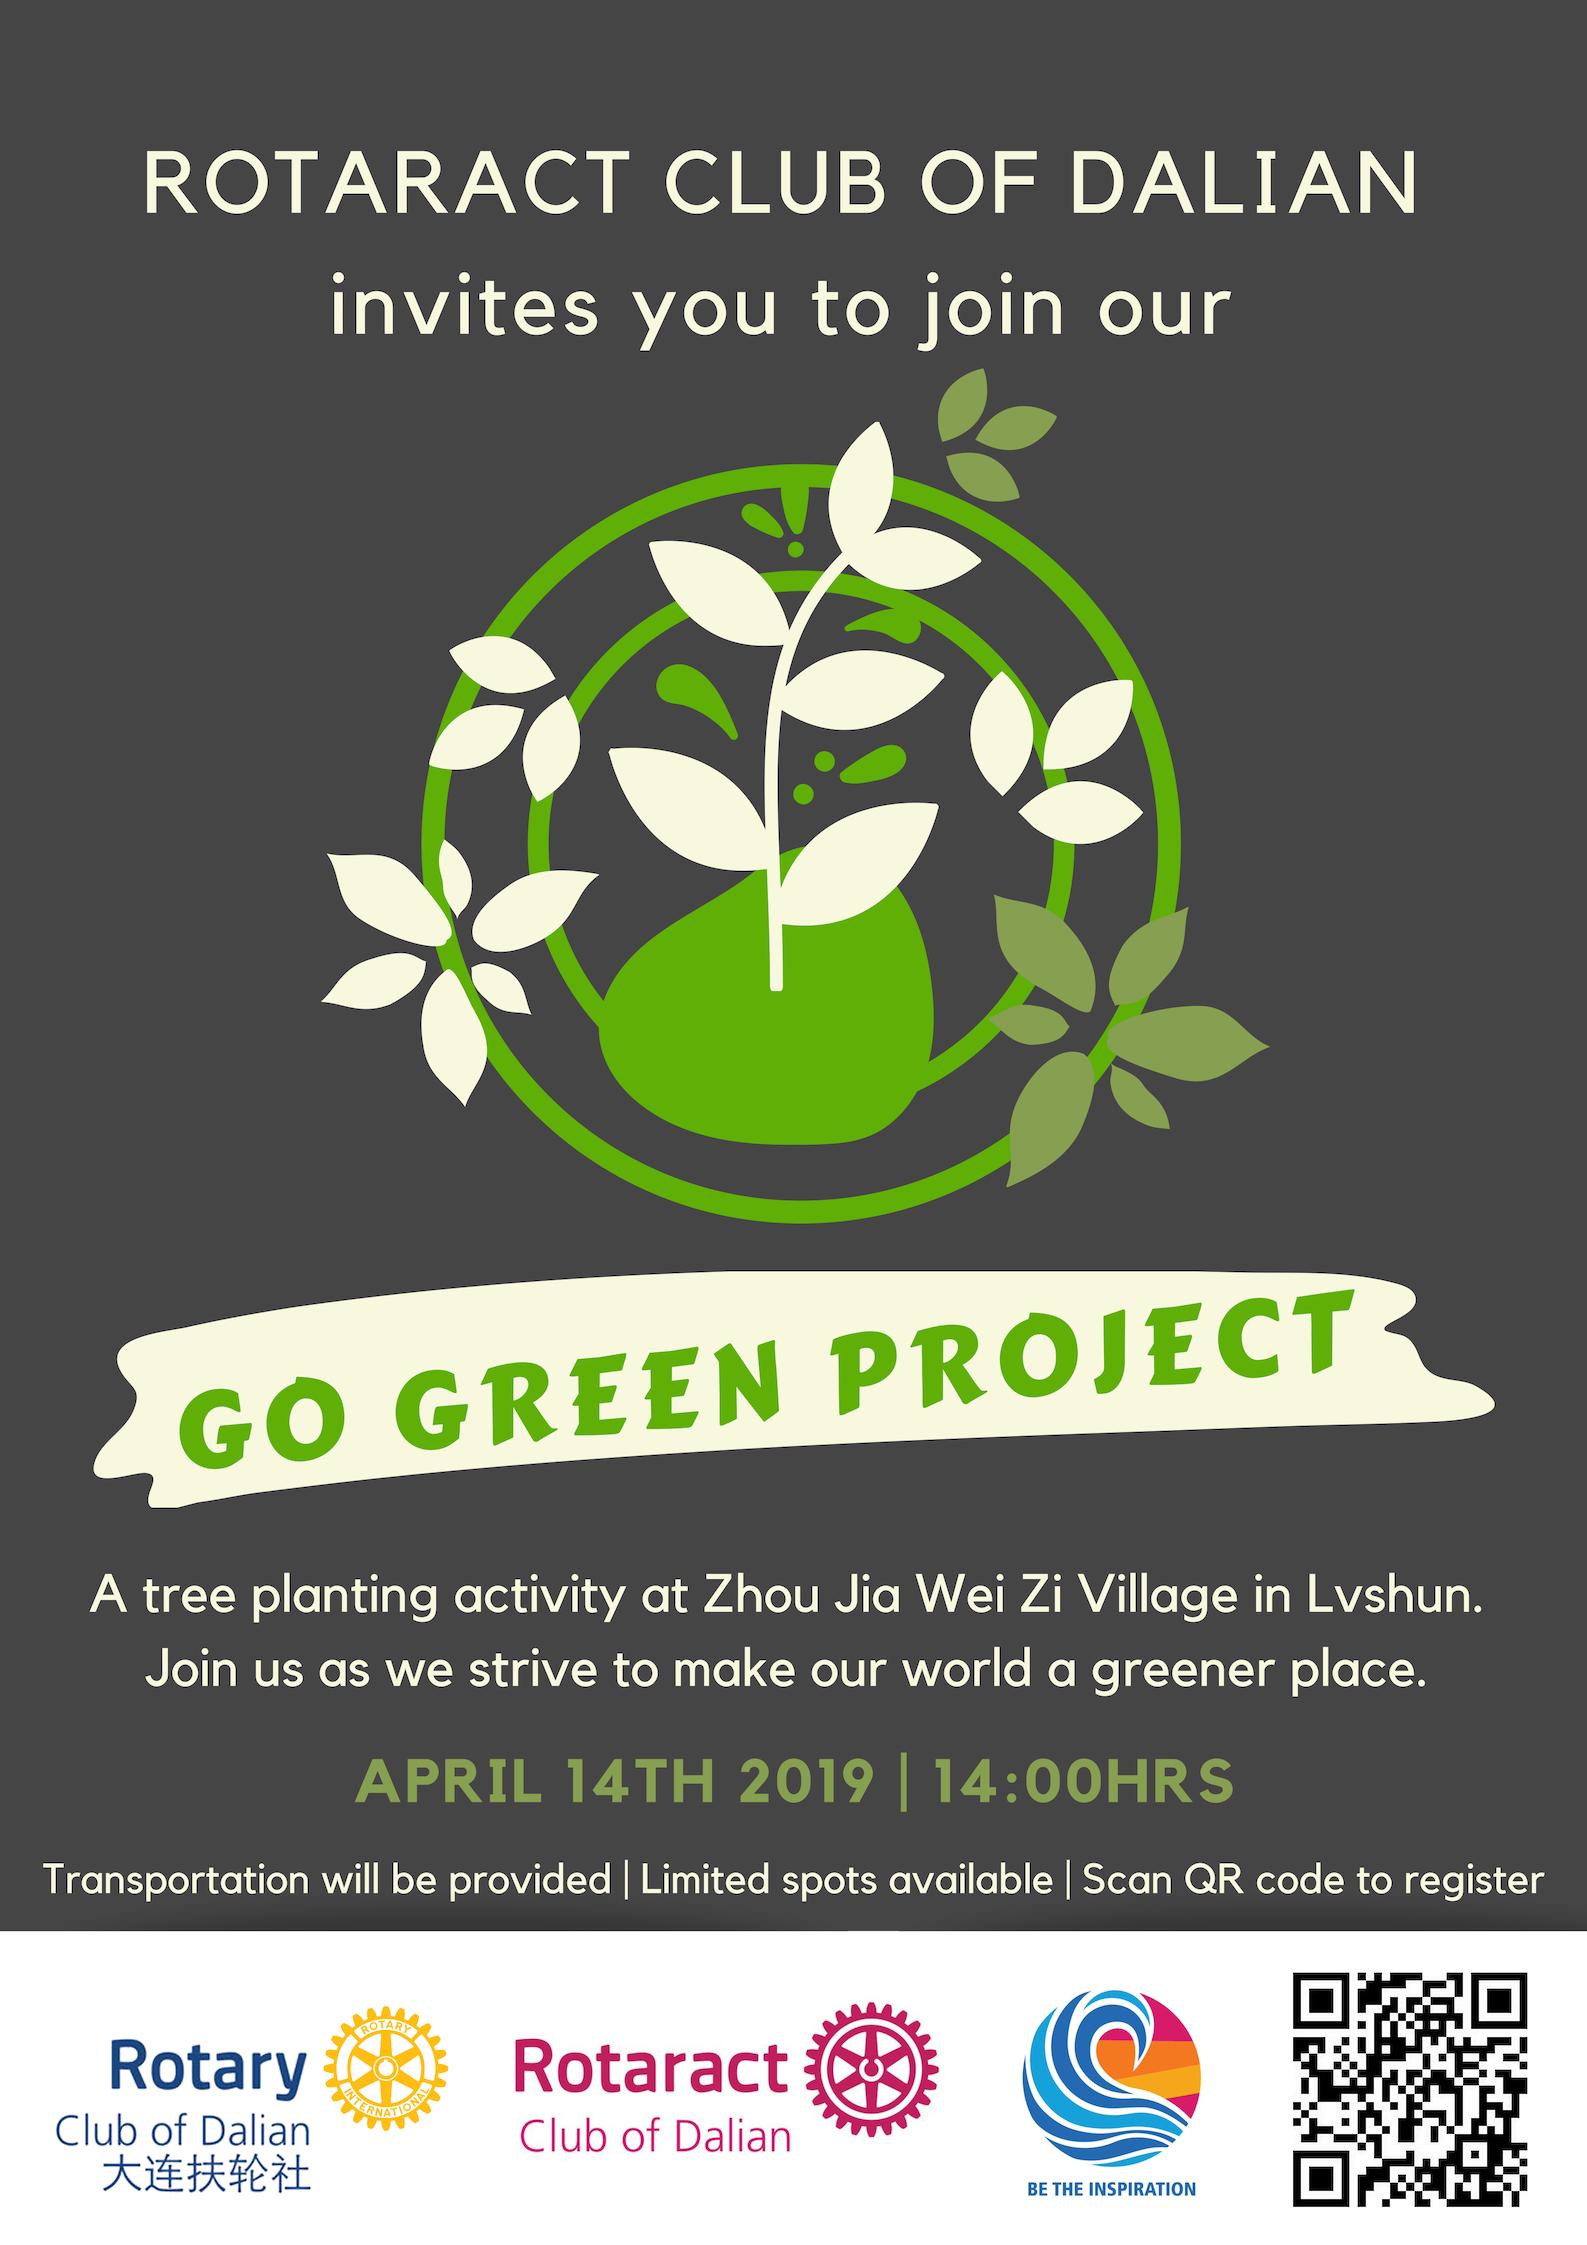 Go Green 2019 Rotary Dalian